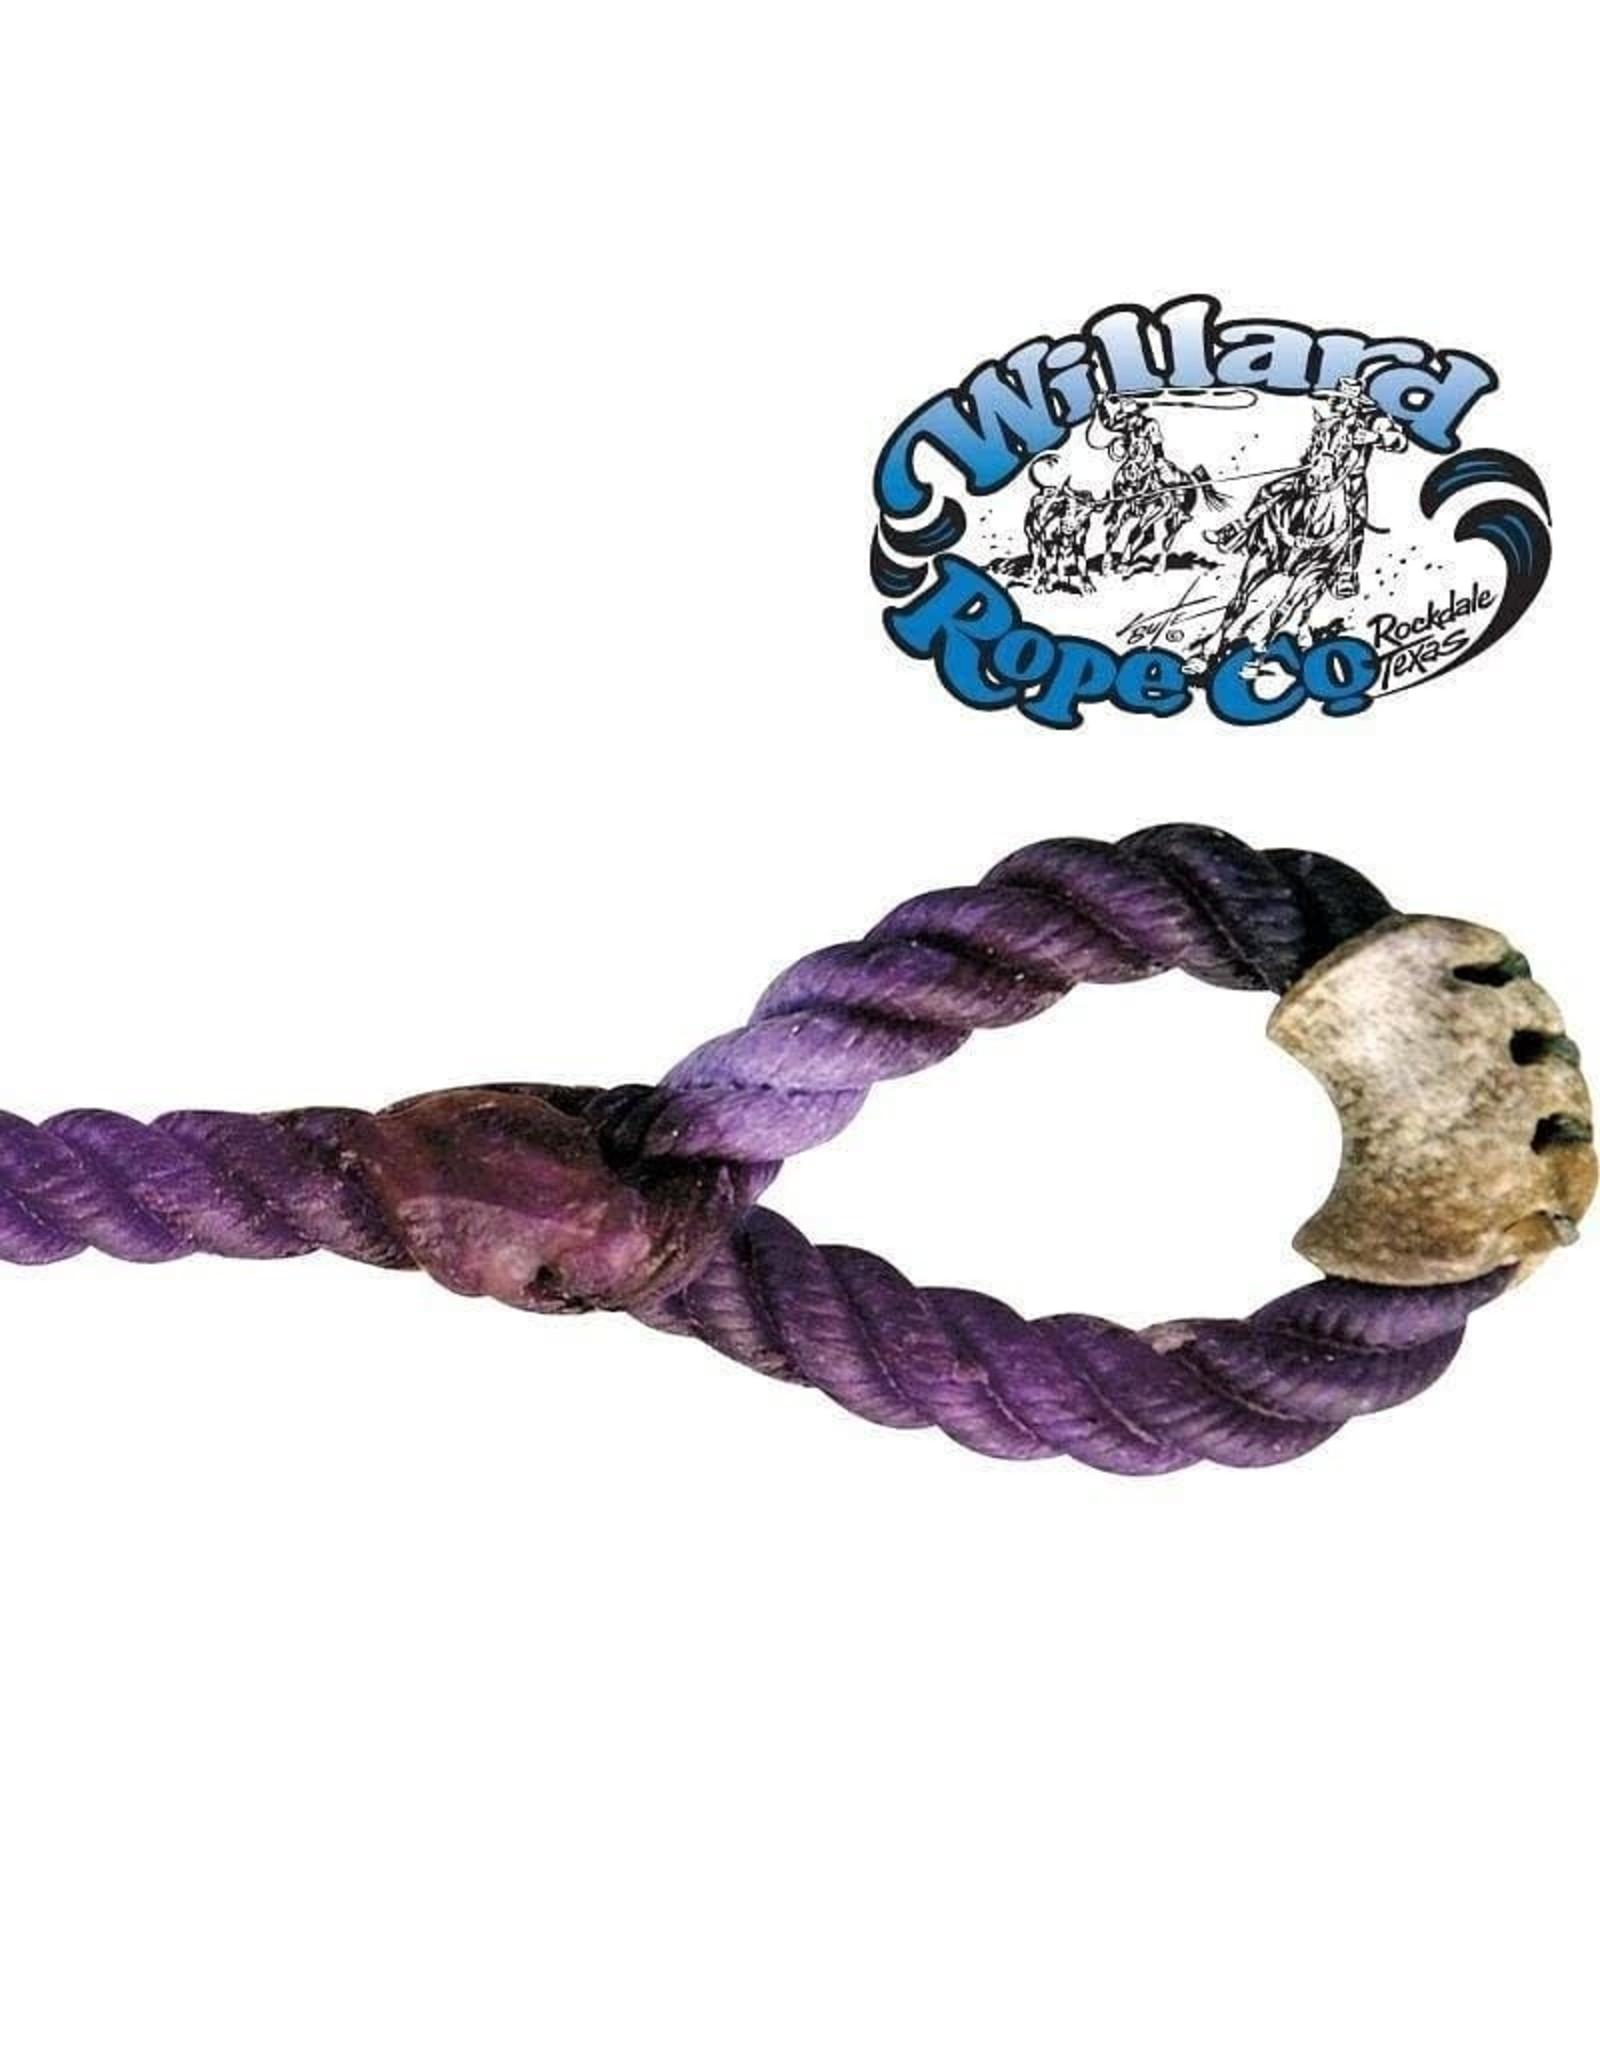 Willard 5/16MHV Willard Black Tail Calf String 5/16 Med-Hard Violet